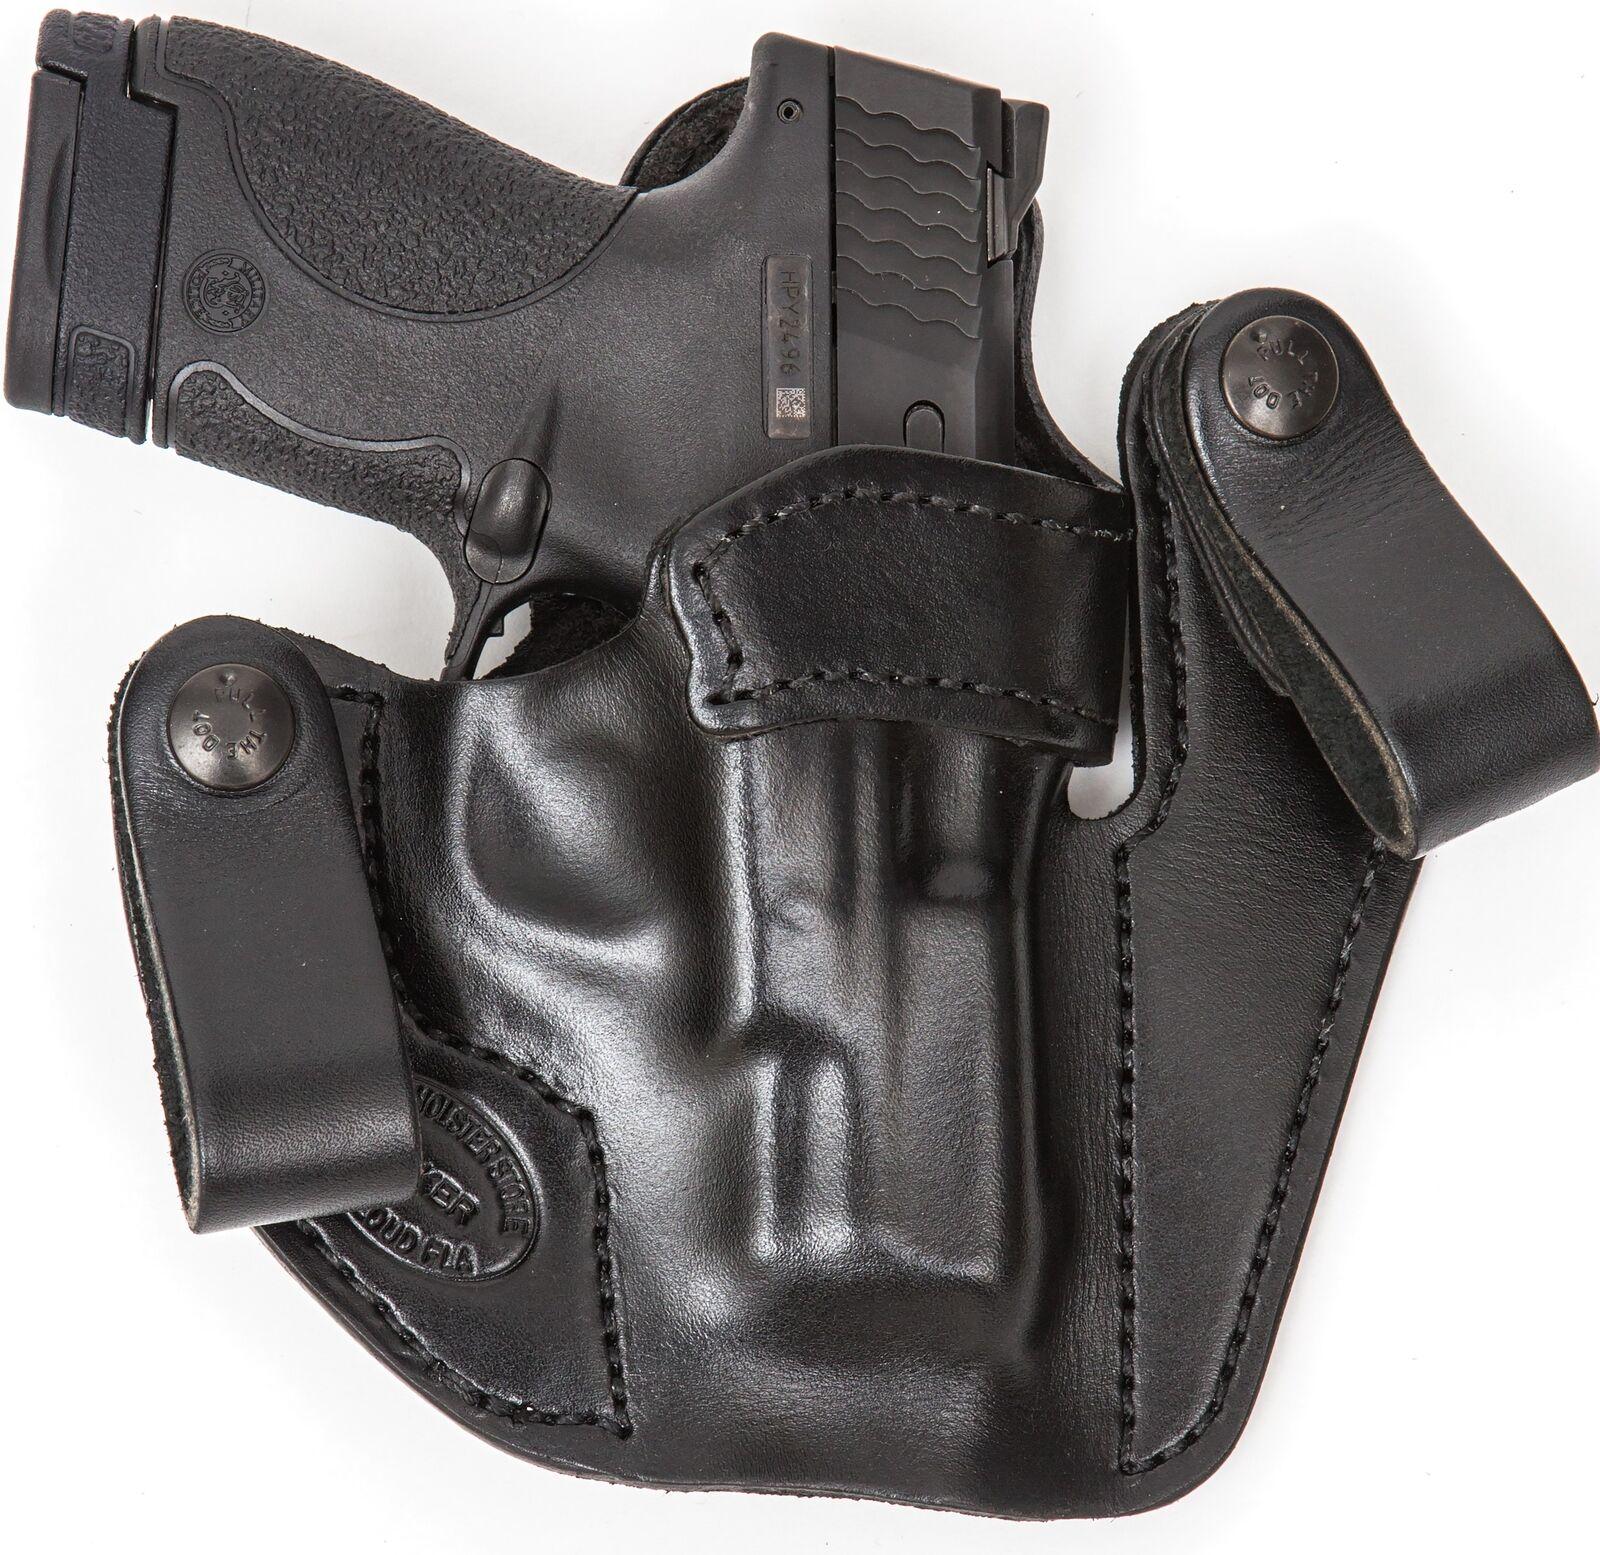 Xtreme llevar RH LH IWB Cuero Funda Pistola para CZ 2075 Rami